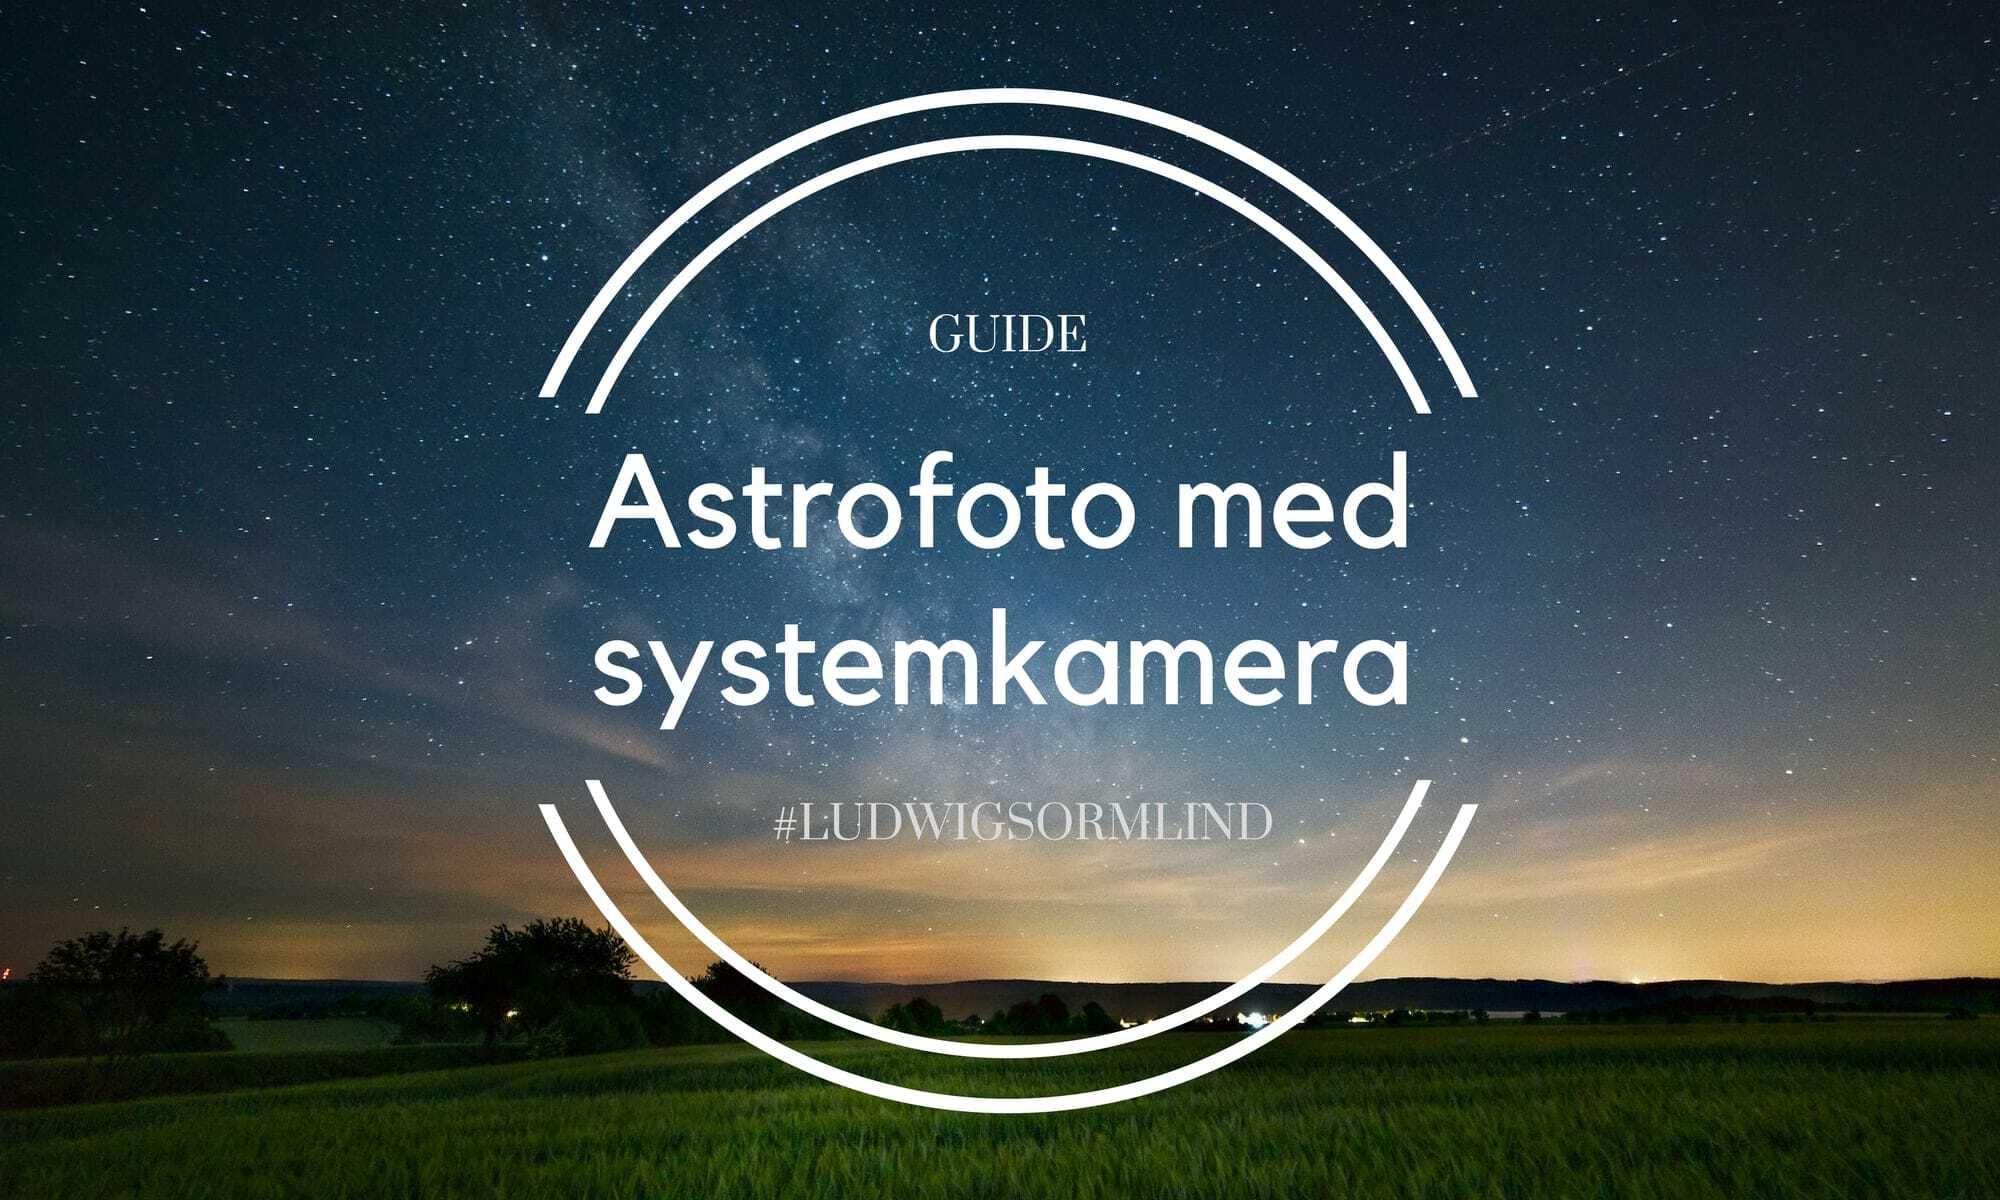 Astrofoto med systemkamera - Så fotograferar du stjärnhimlen - Ludwig Sörmlind